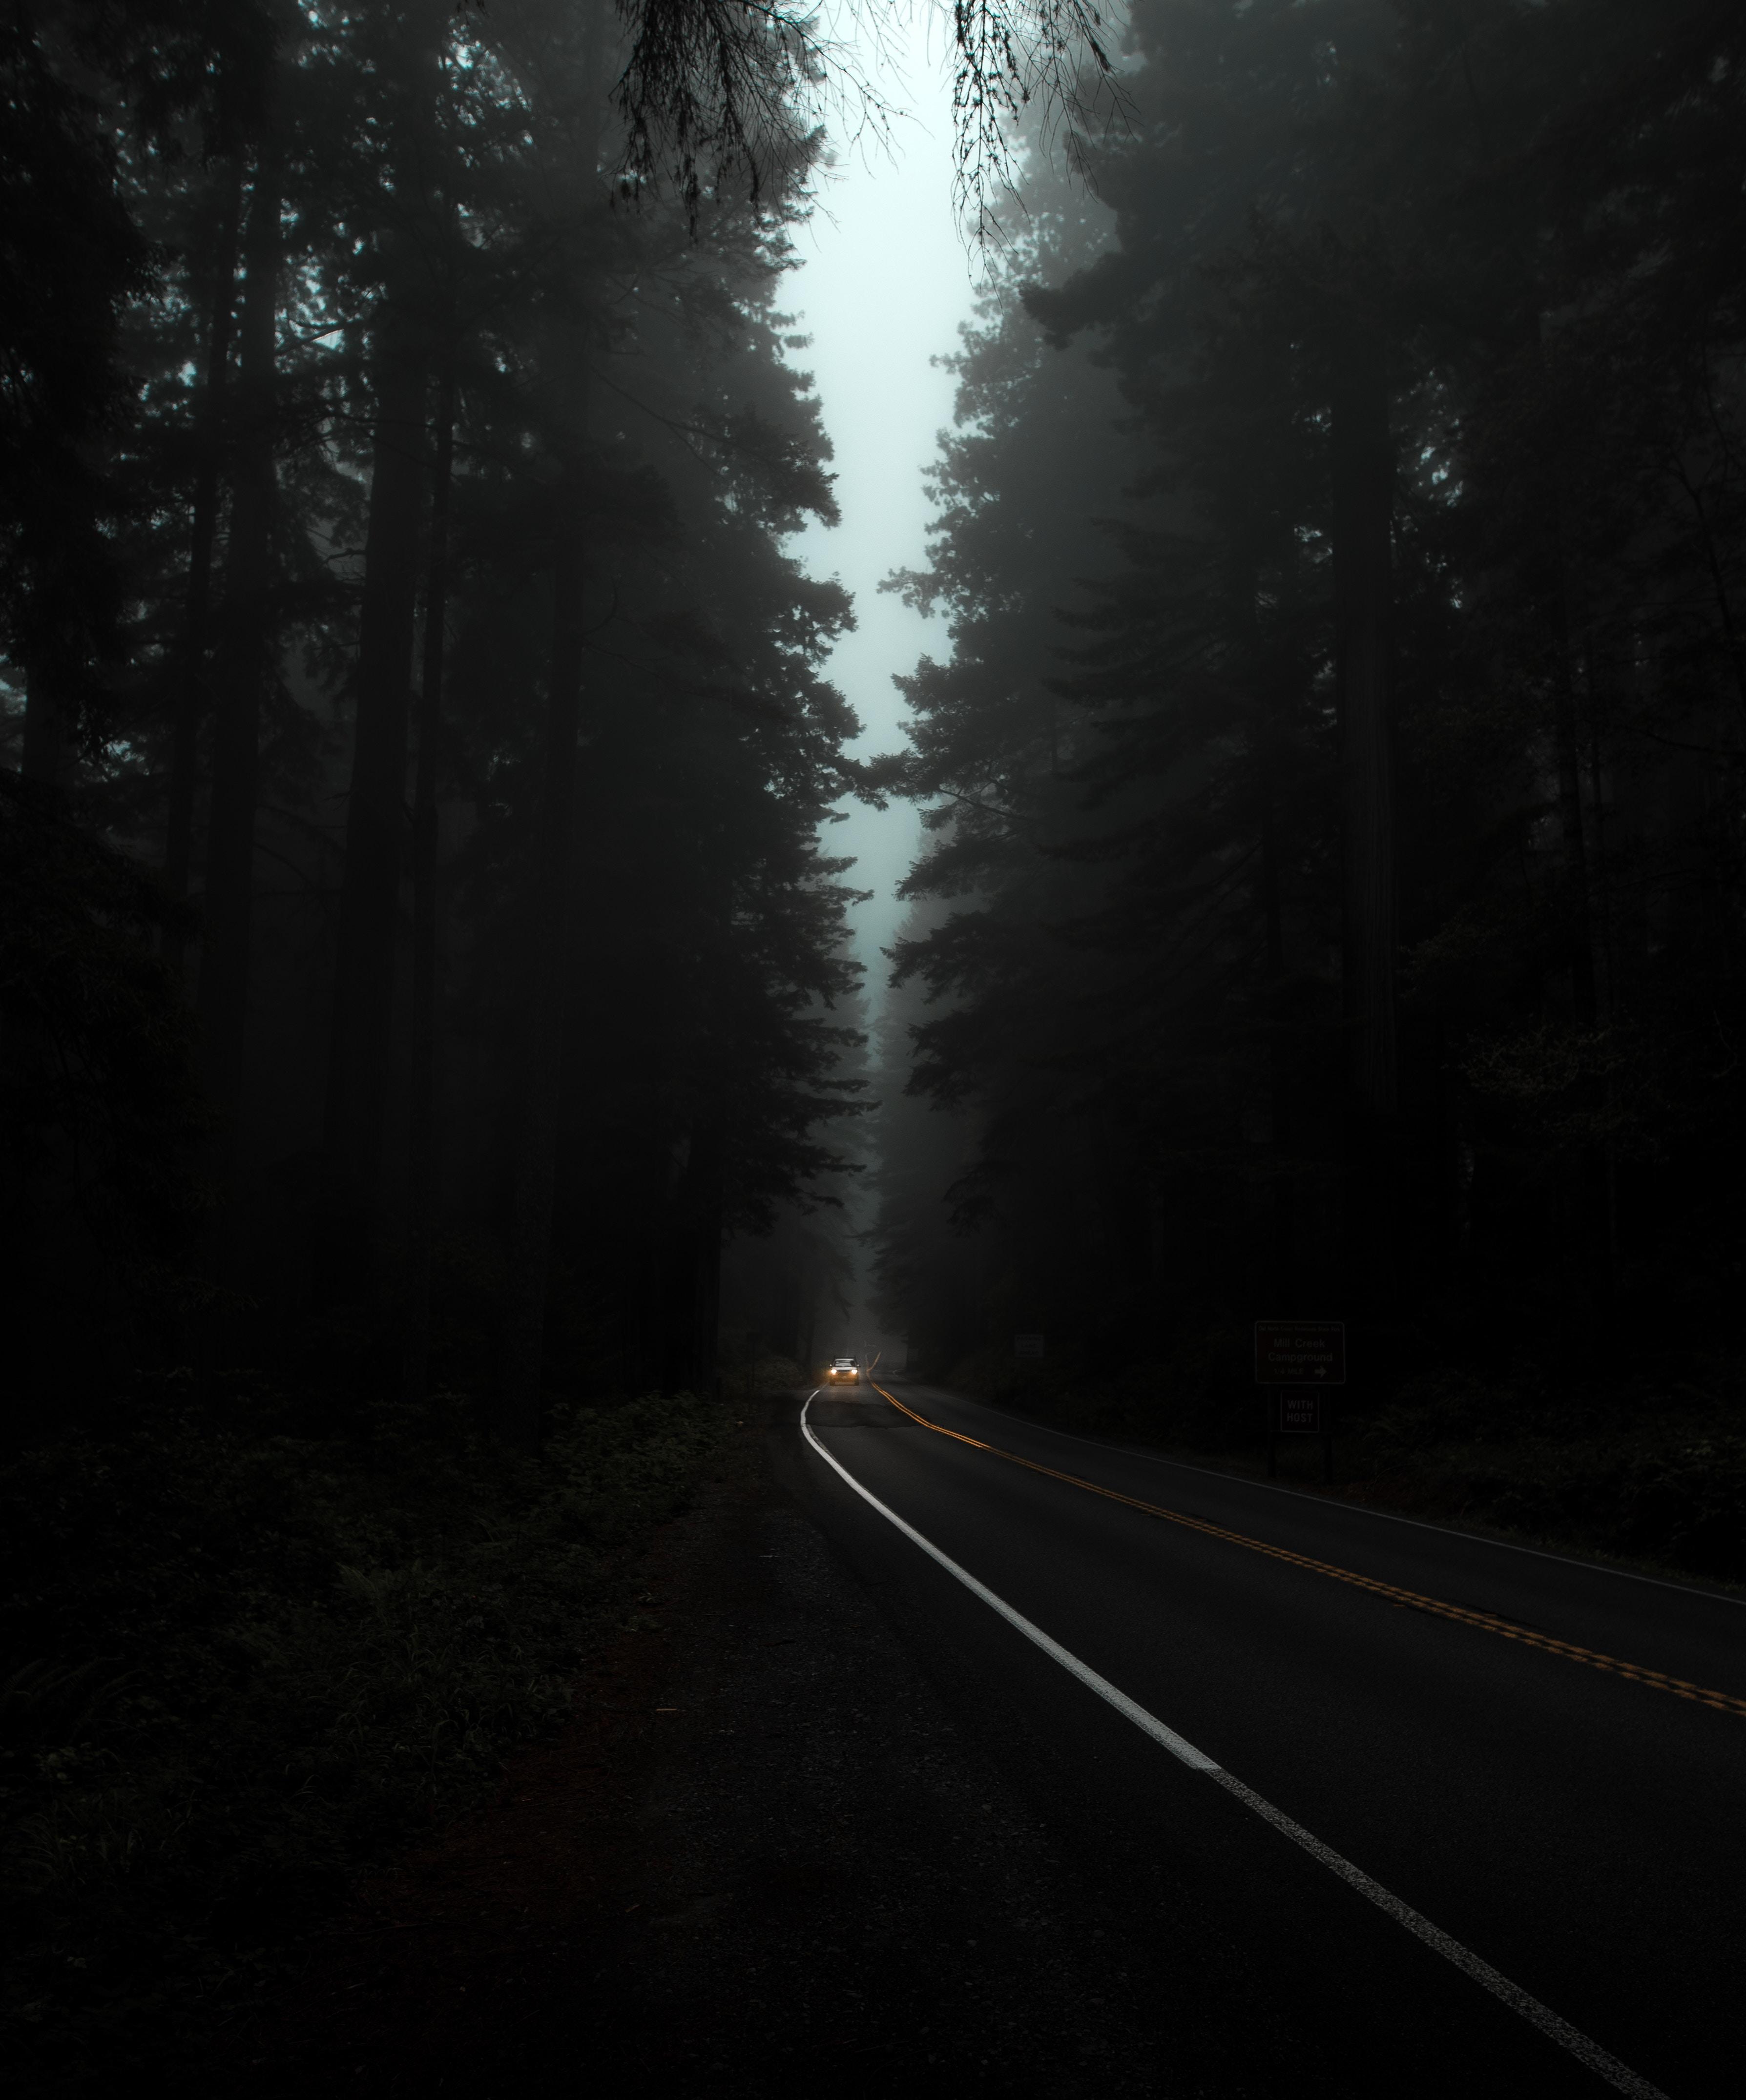 144001 Заставки и Обои Фары на телефон. Скачать Ночь, Темные, Темный, Деревья, Дорога, Туман, Фары картинки бесплатно